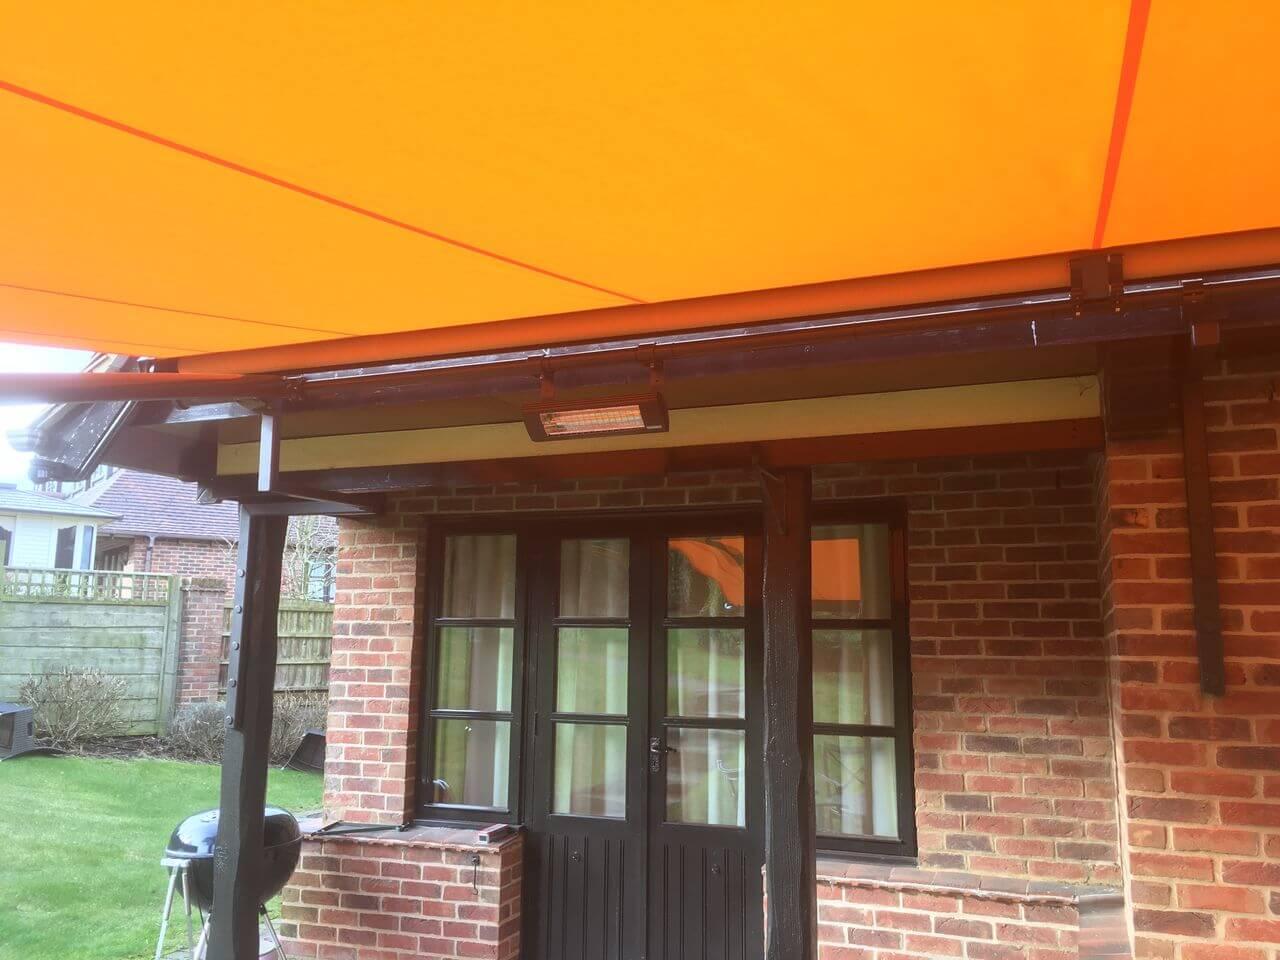 orange fabric markilux awning on custom brackets over patio